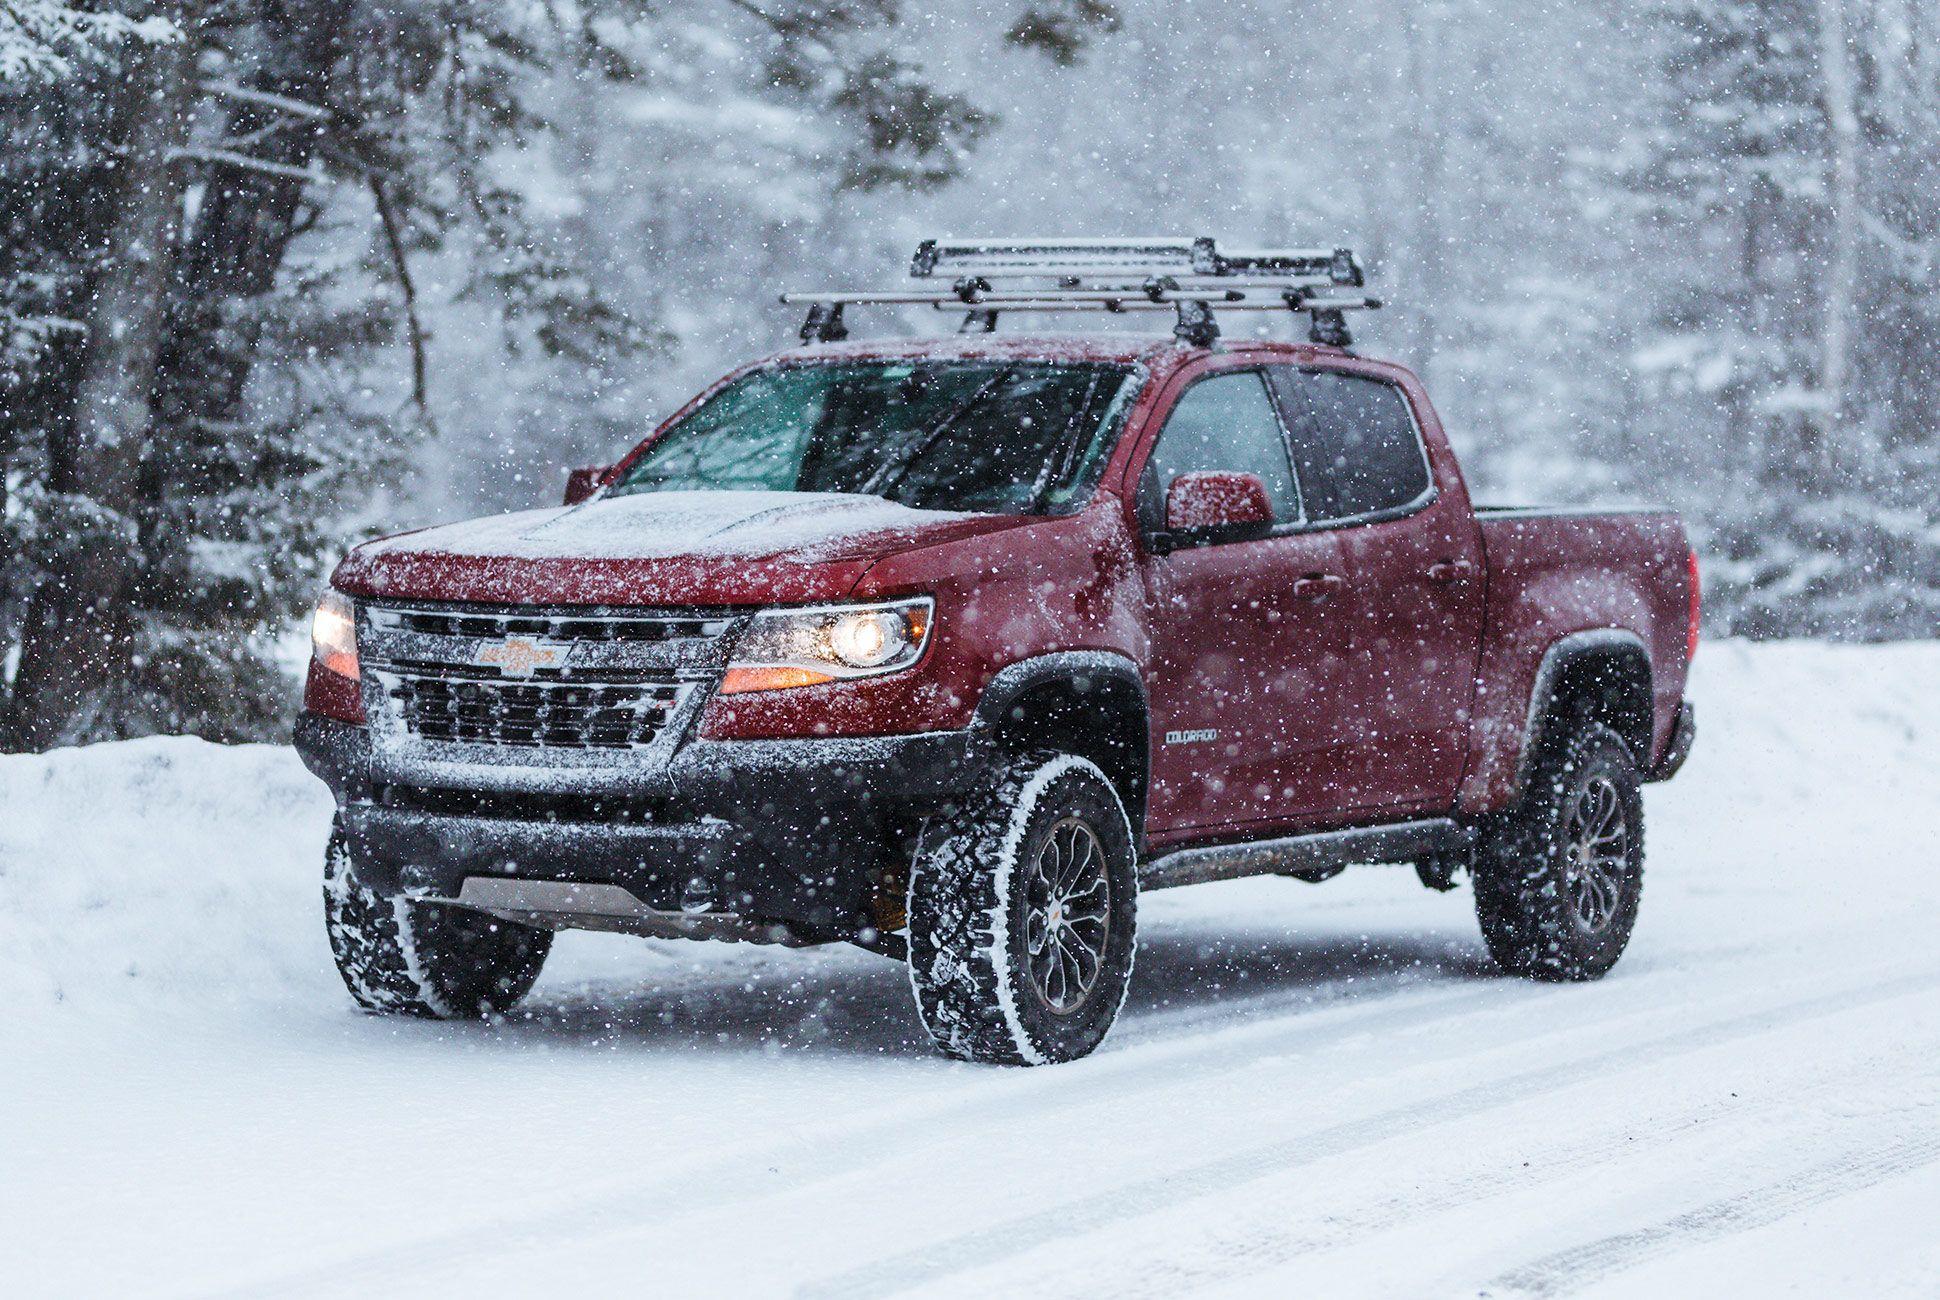 ultimate-ski-and-snow-gear-patrol-chevy-colorado-slide-0